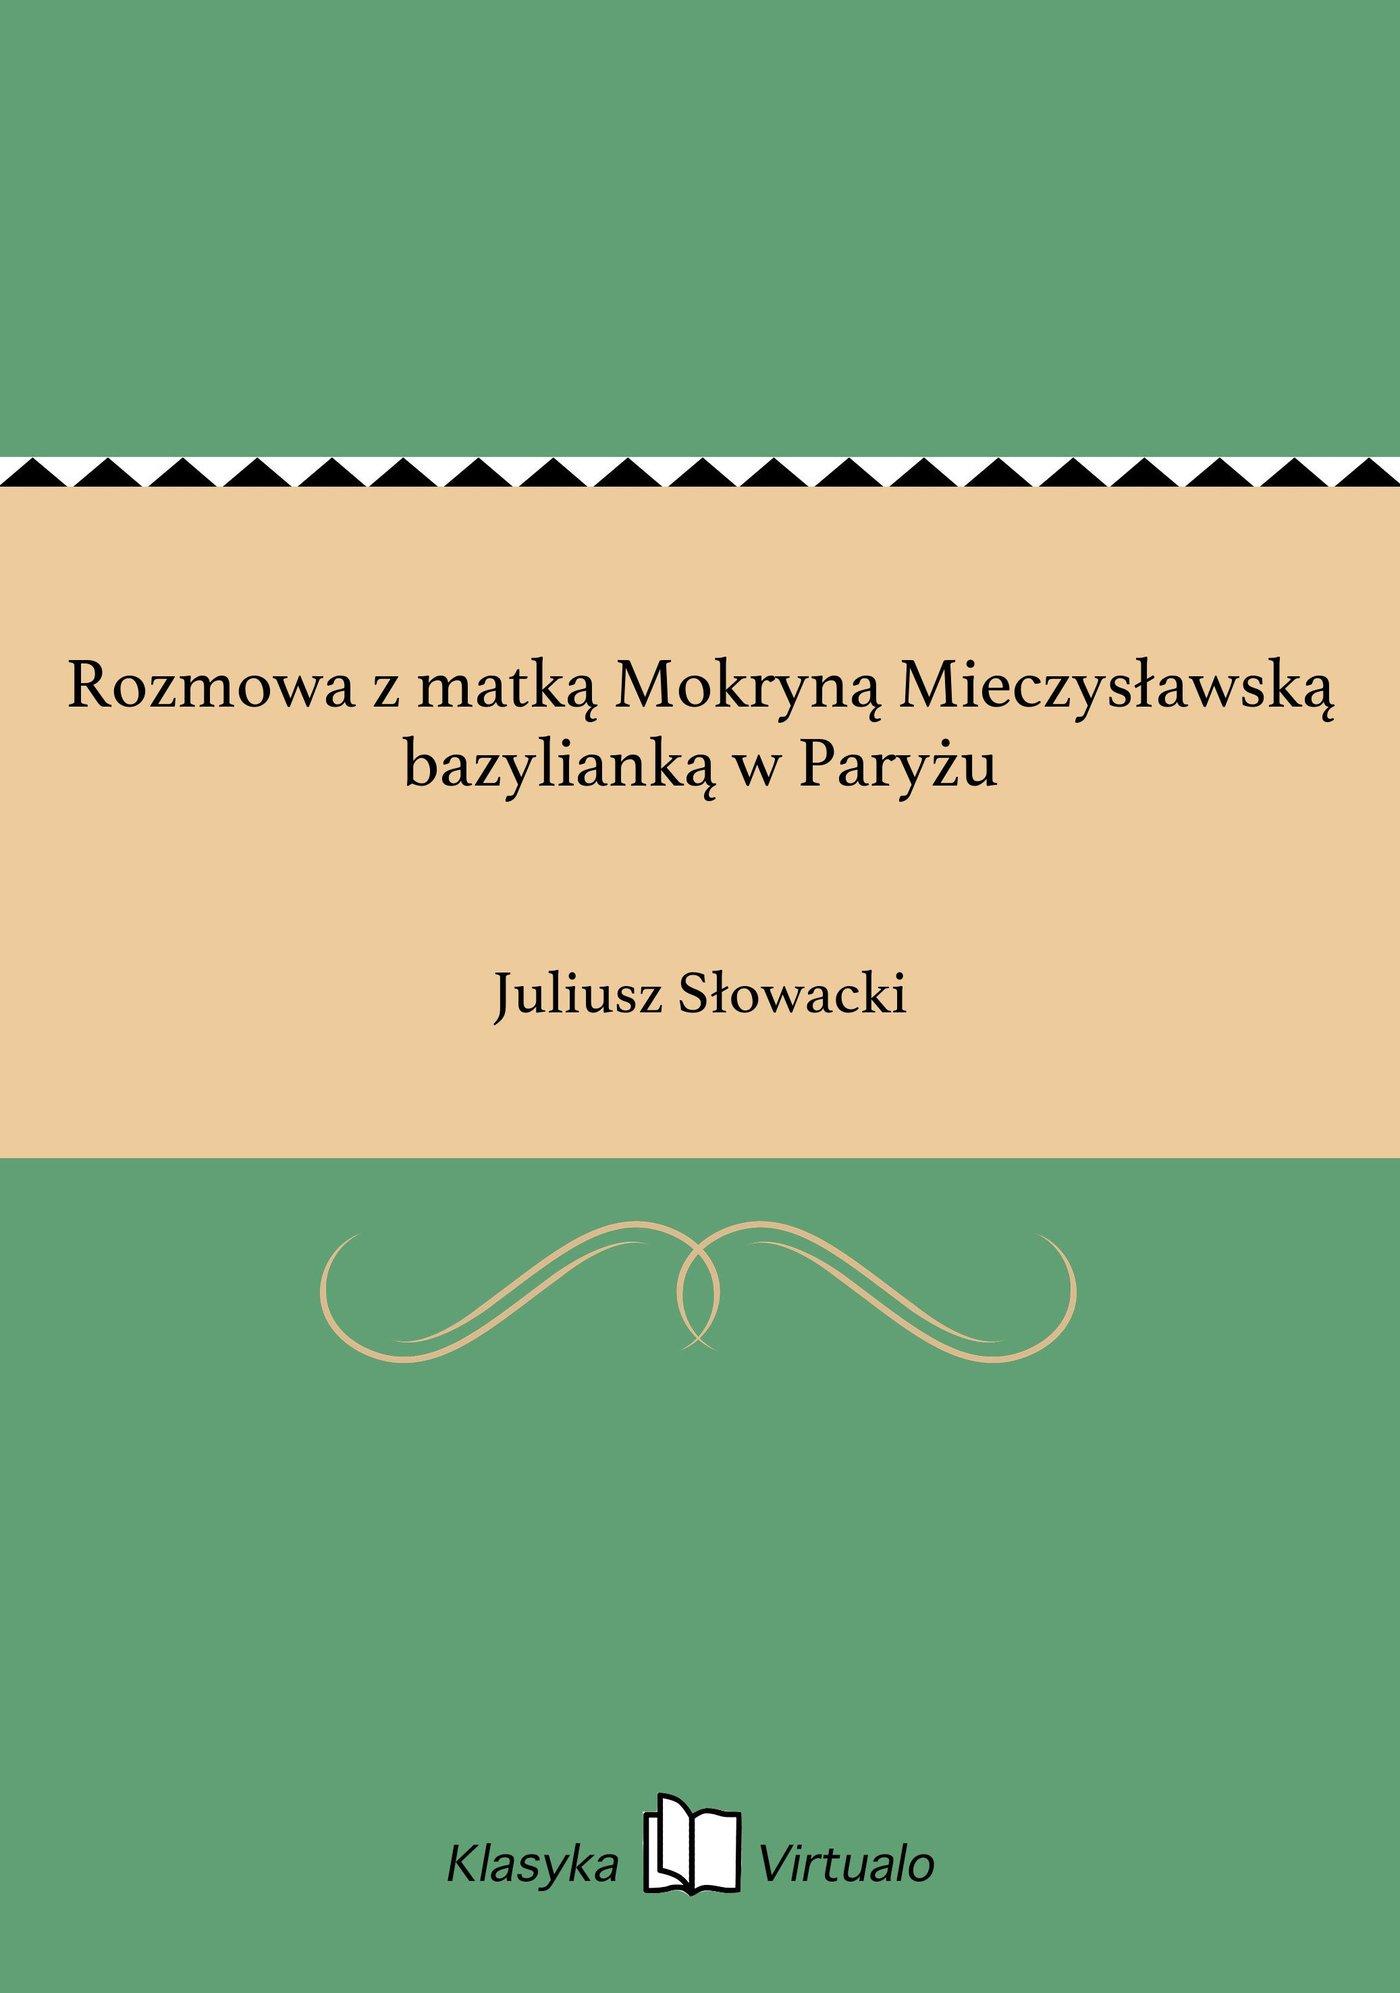 Rozmowa z matką Mokryną Mieczysławską bazylianką w Paryżu - Ebook (Książka EPUB) do pobrania w formacie EPUB